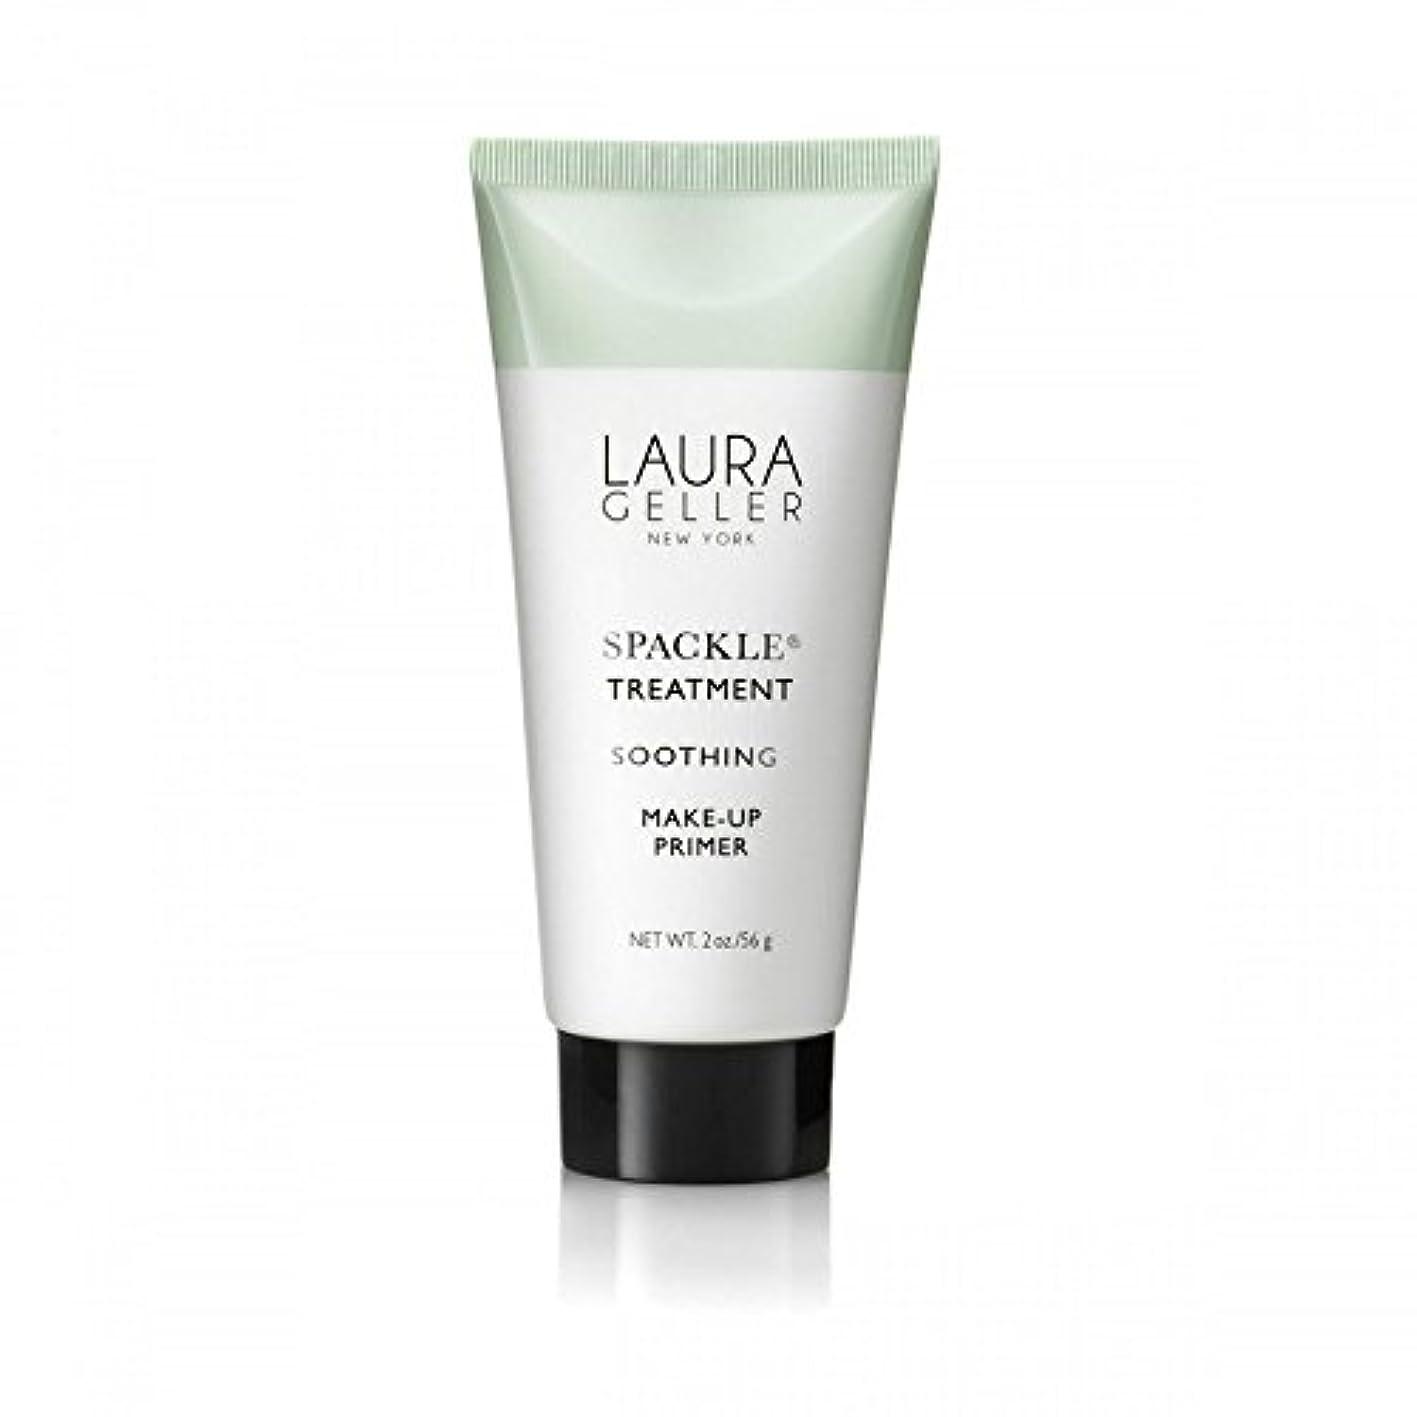 供給み再生Laura Geller Spackle Treatment Under Make-Up Primer Soothing (Pack of 6) - メイクアッププライマー癒しの下のローラ?ゲラー 処理 x6 [並行輸入品]